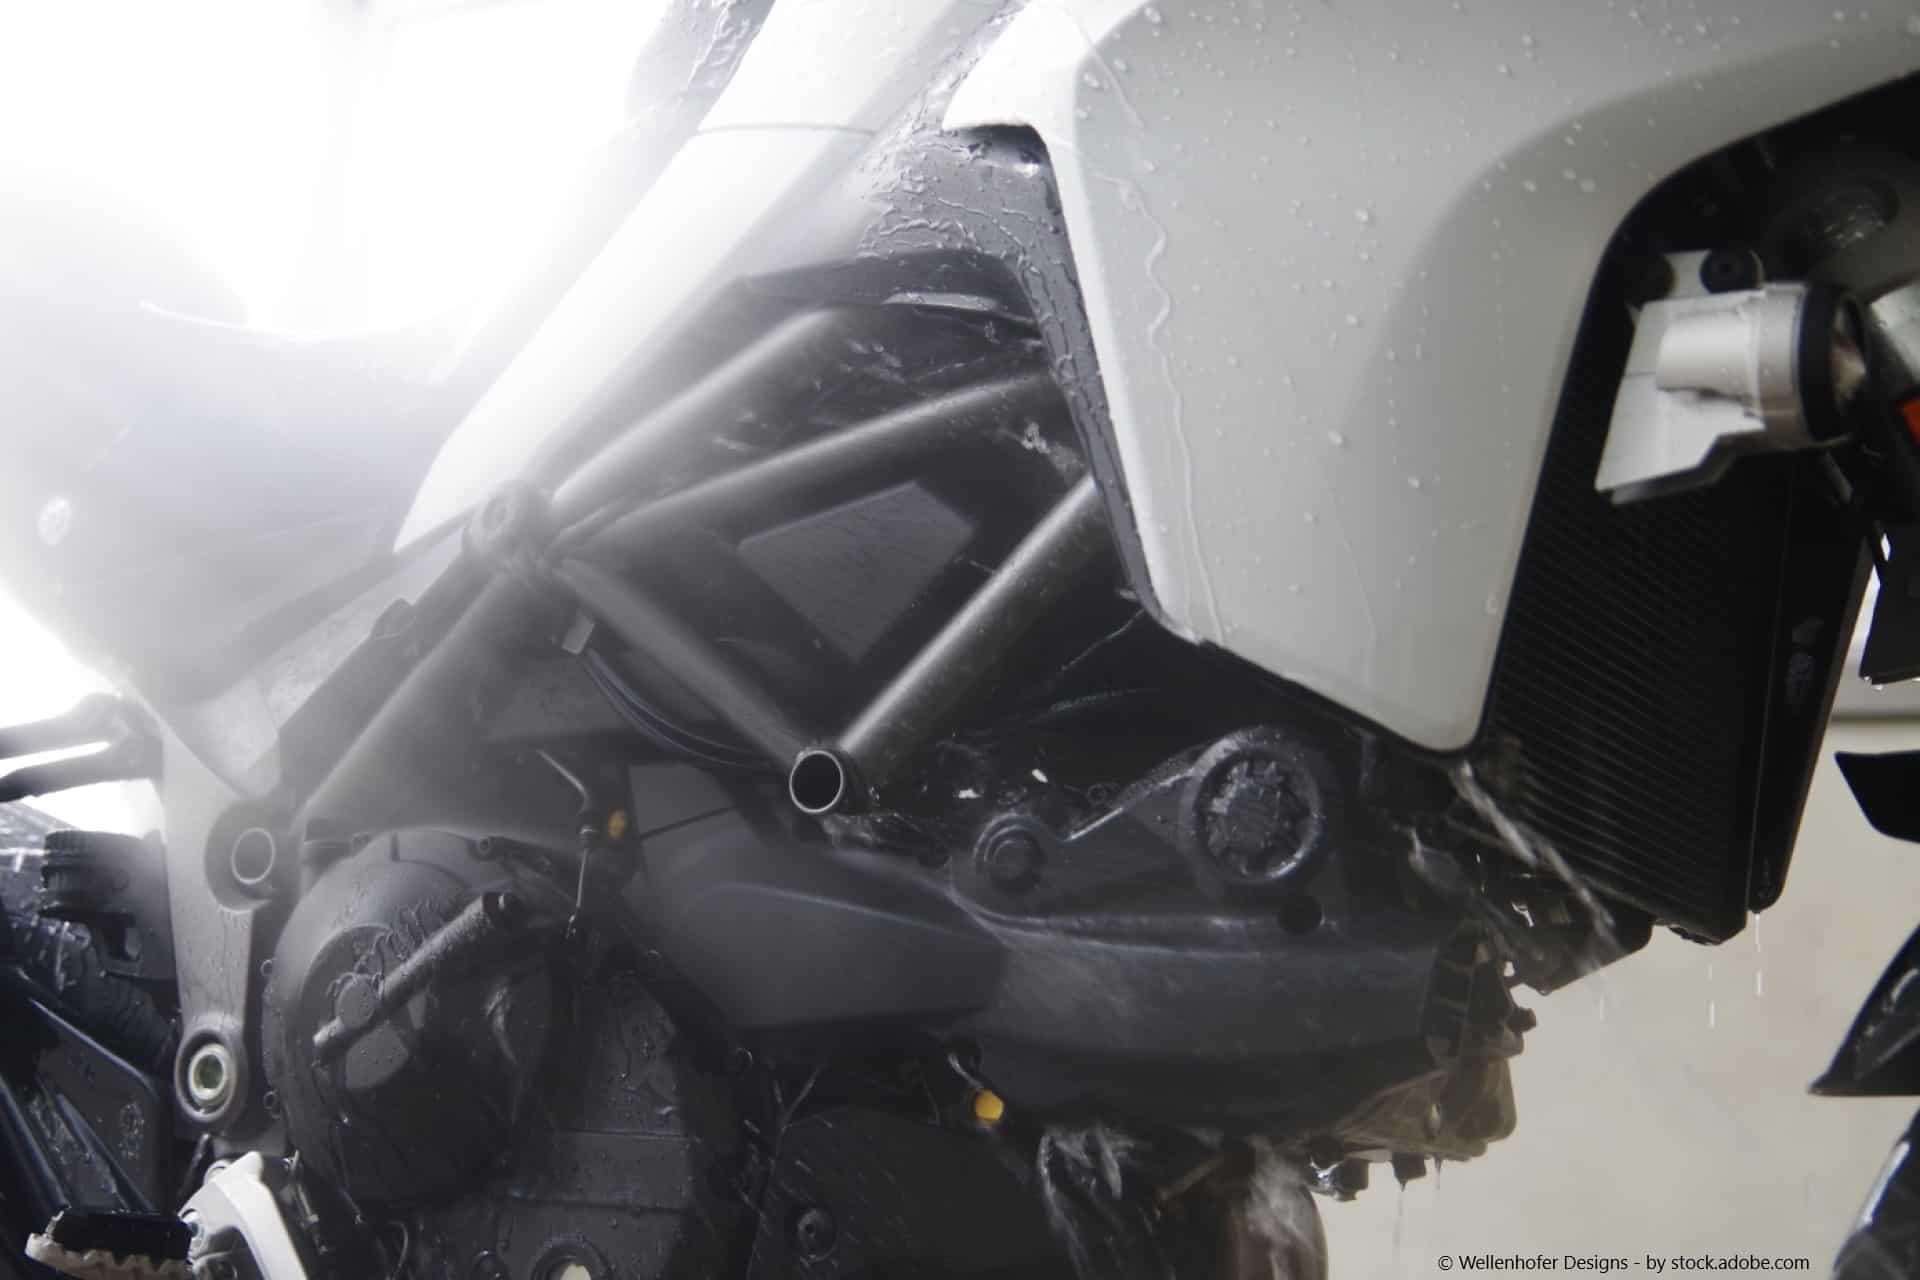 Wie wichtig ist der richtige Motorradreiniger und was ist der richtige Motorradreiniger?